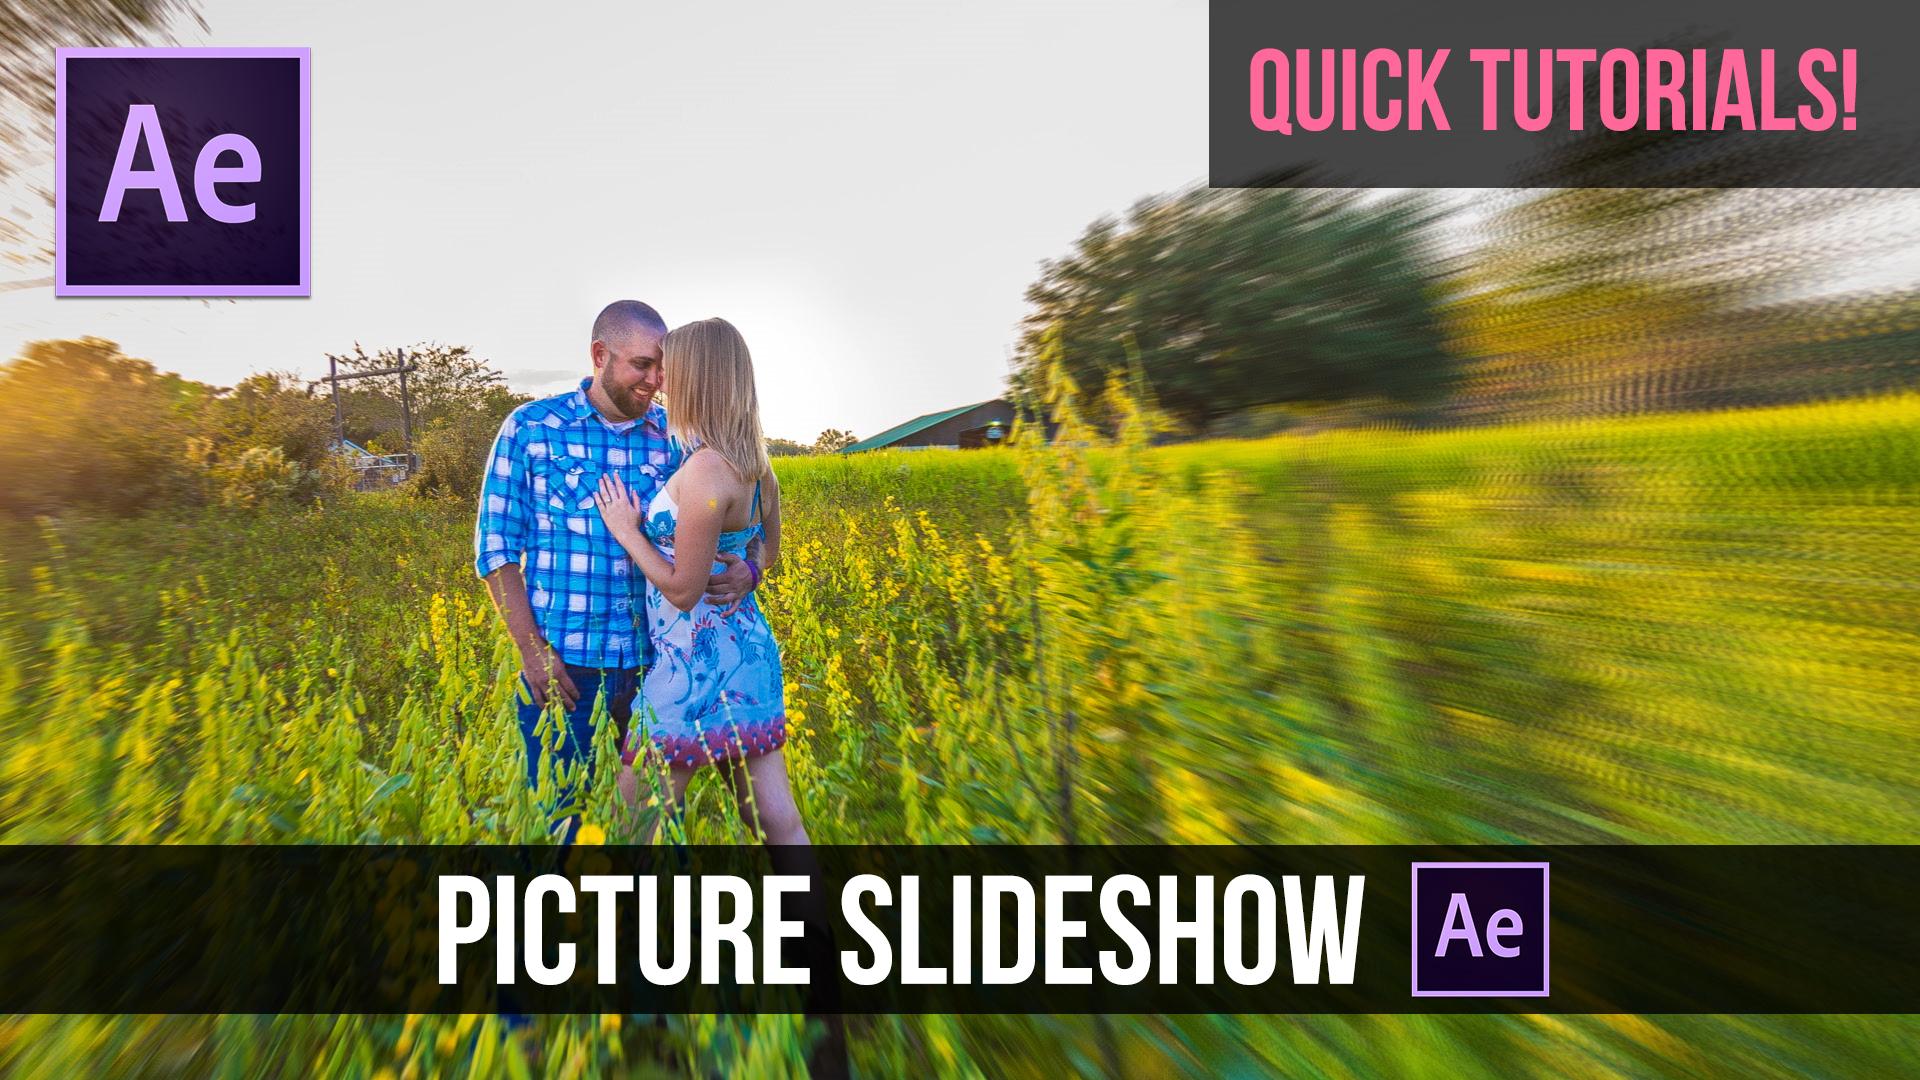 Quick-Tutorials-Picture-Slideshow